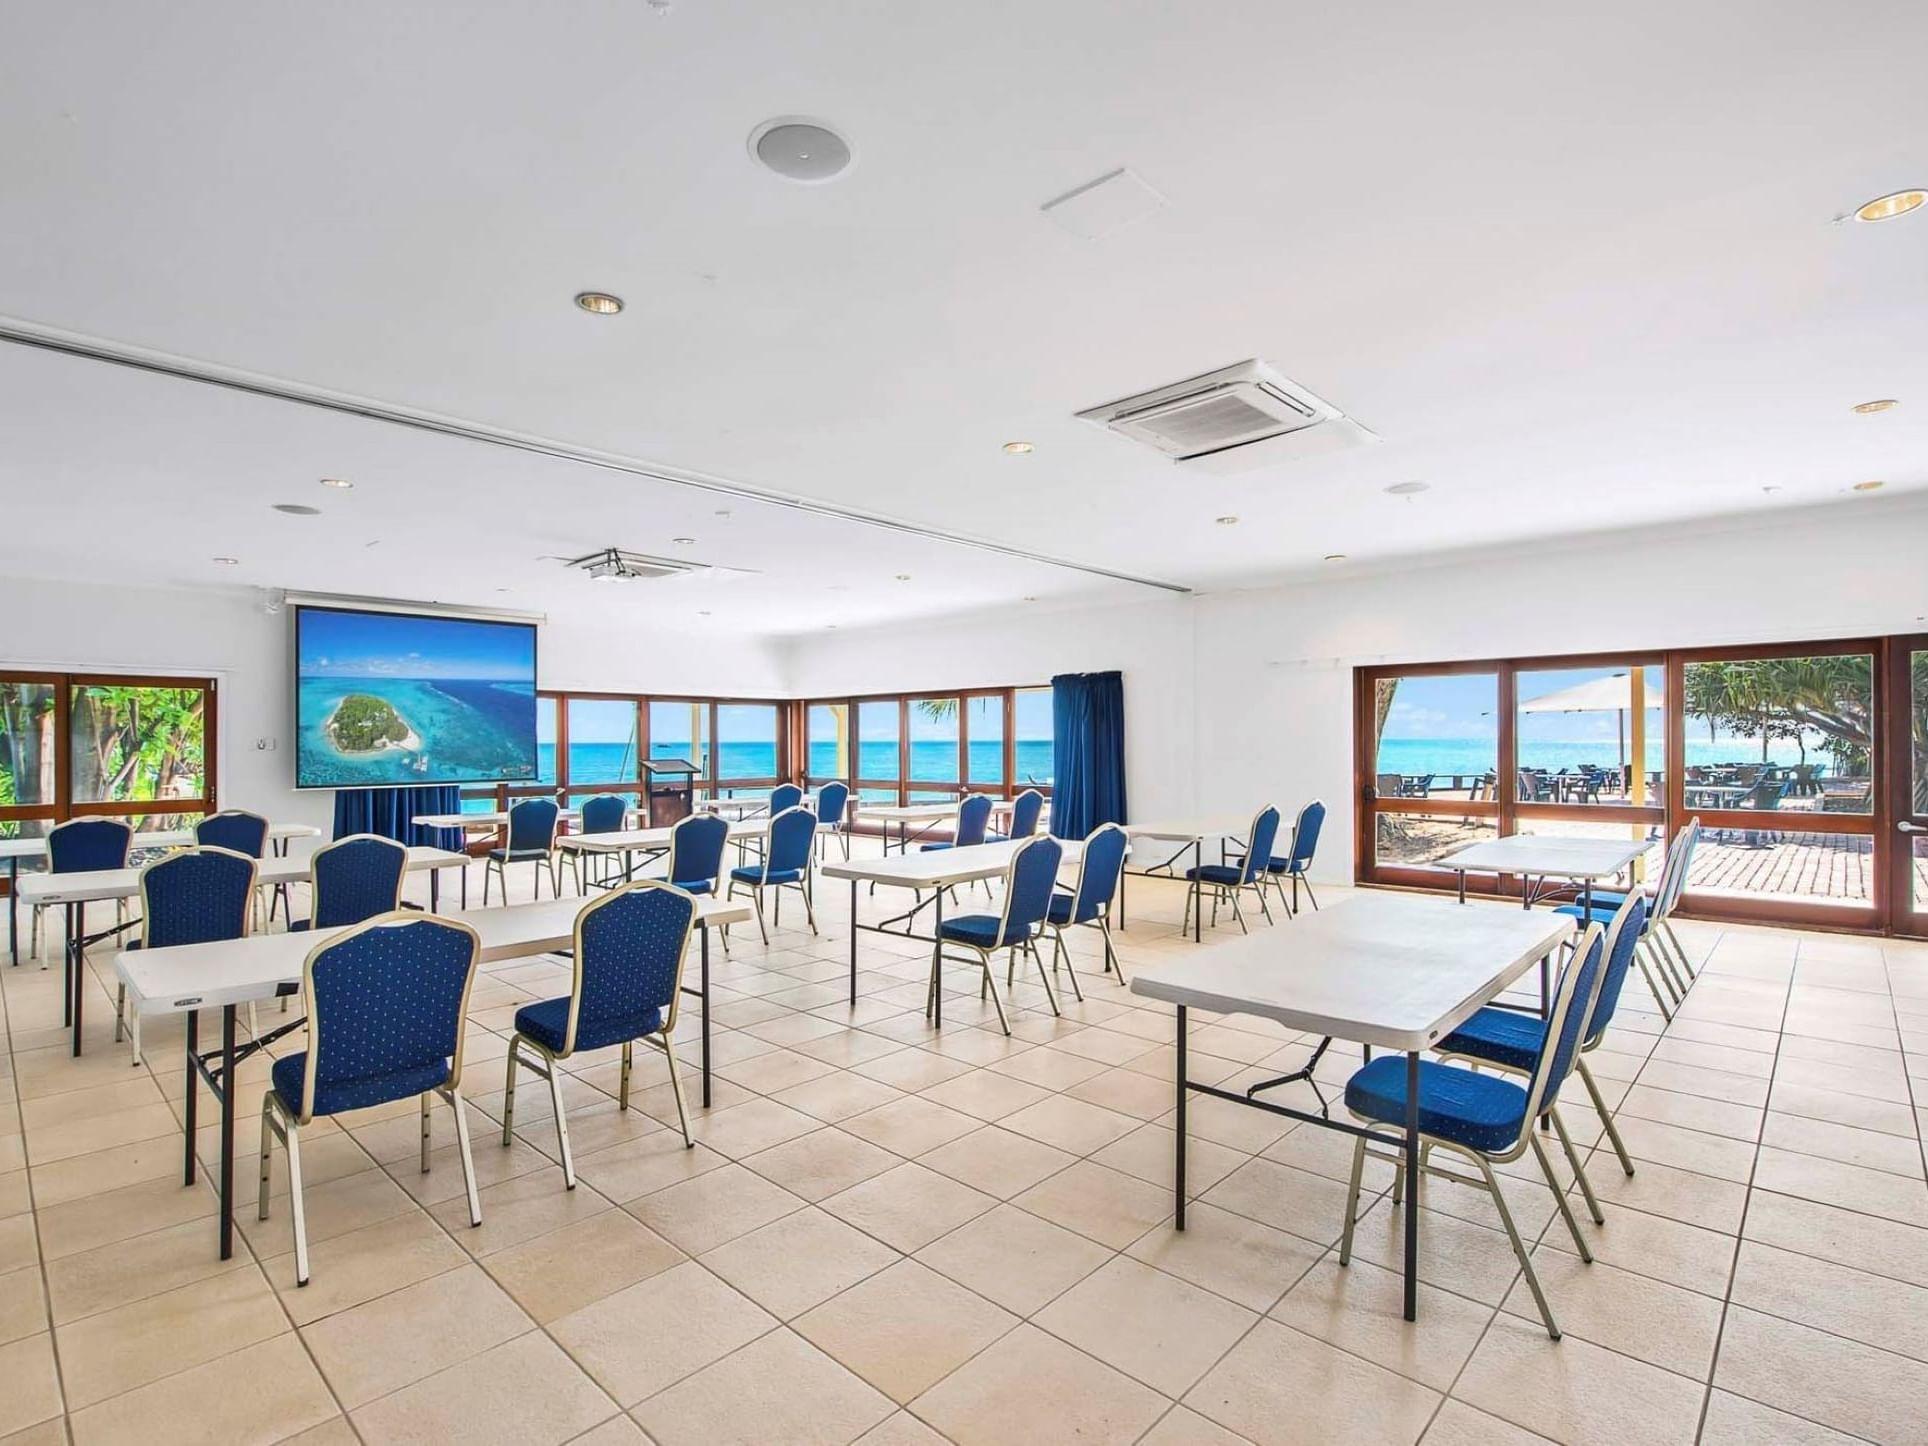 Wistari Room at Heron Island Resort in Queensland, Australia